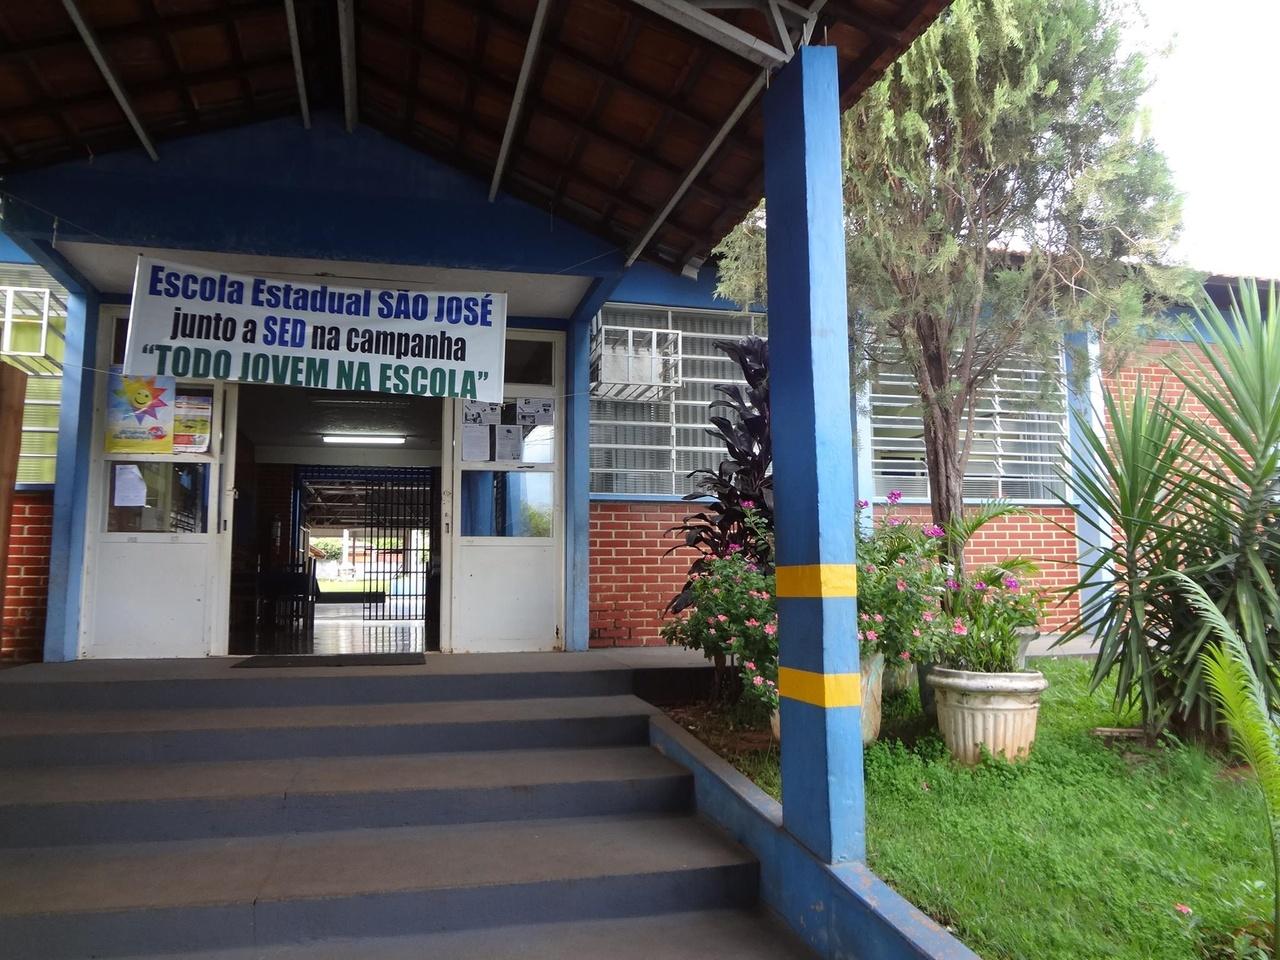 Cassilândia: Escola Estadual São José publica aviso de licitação